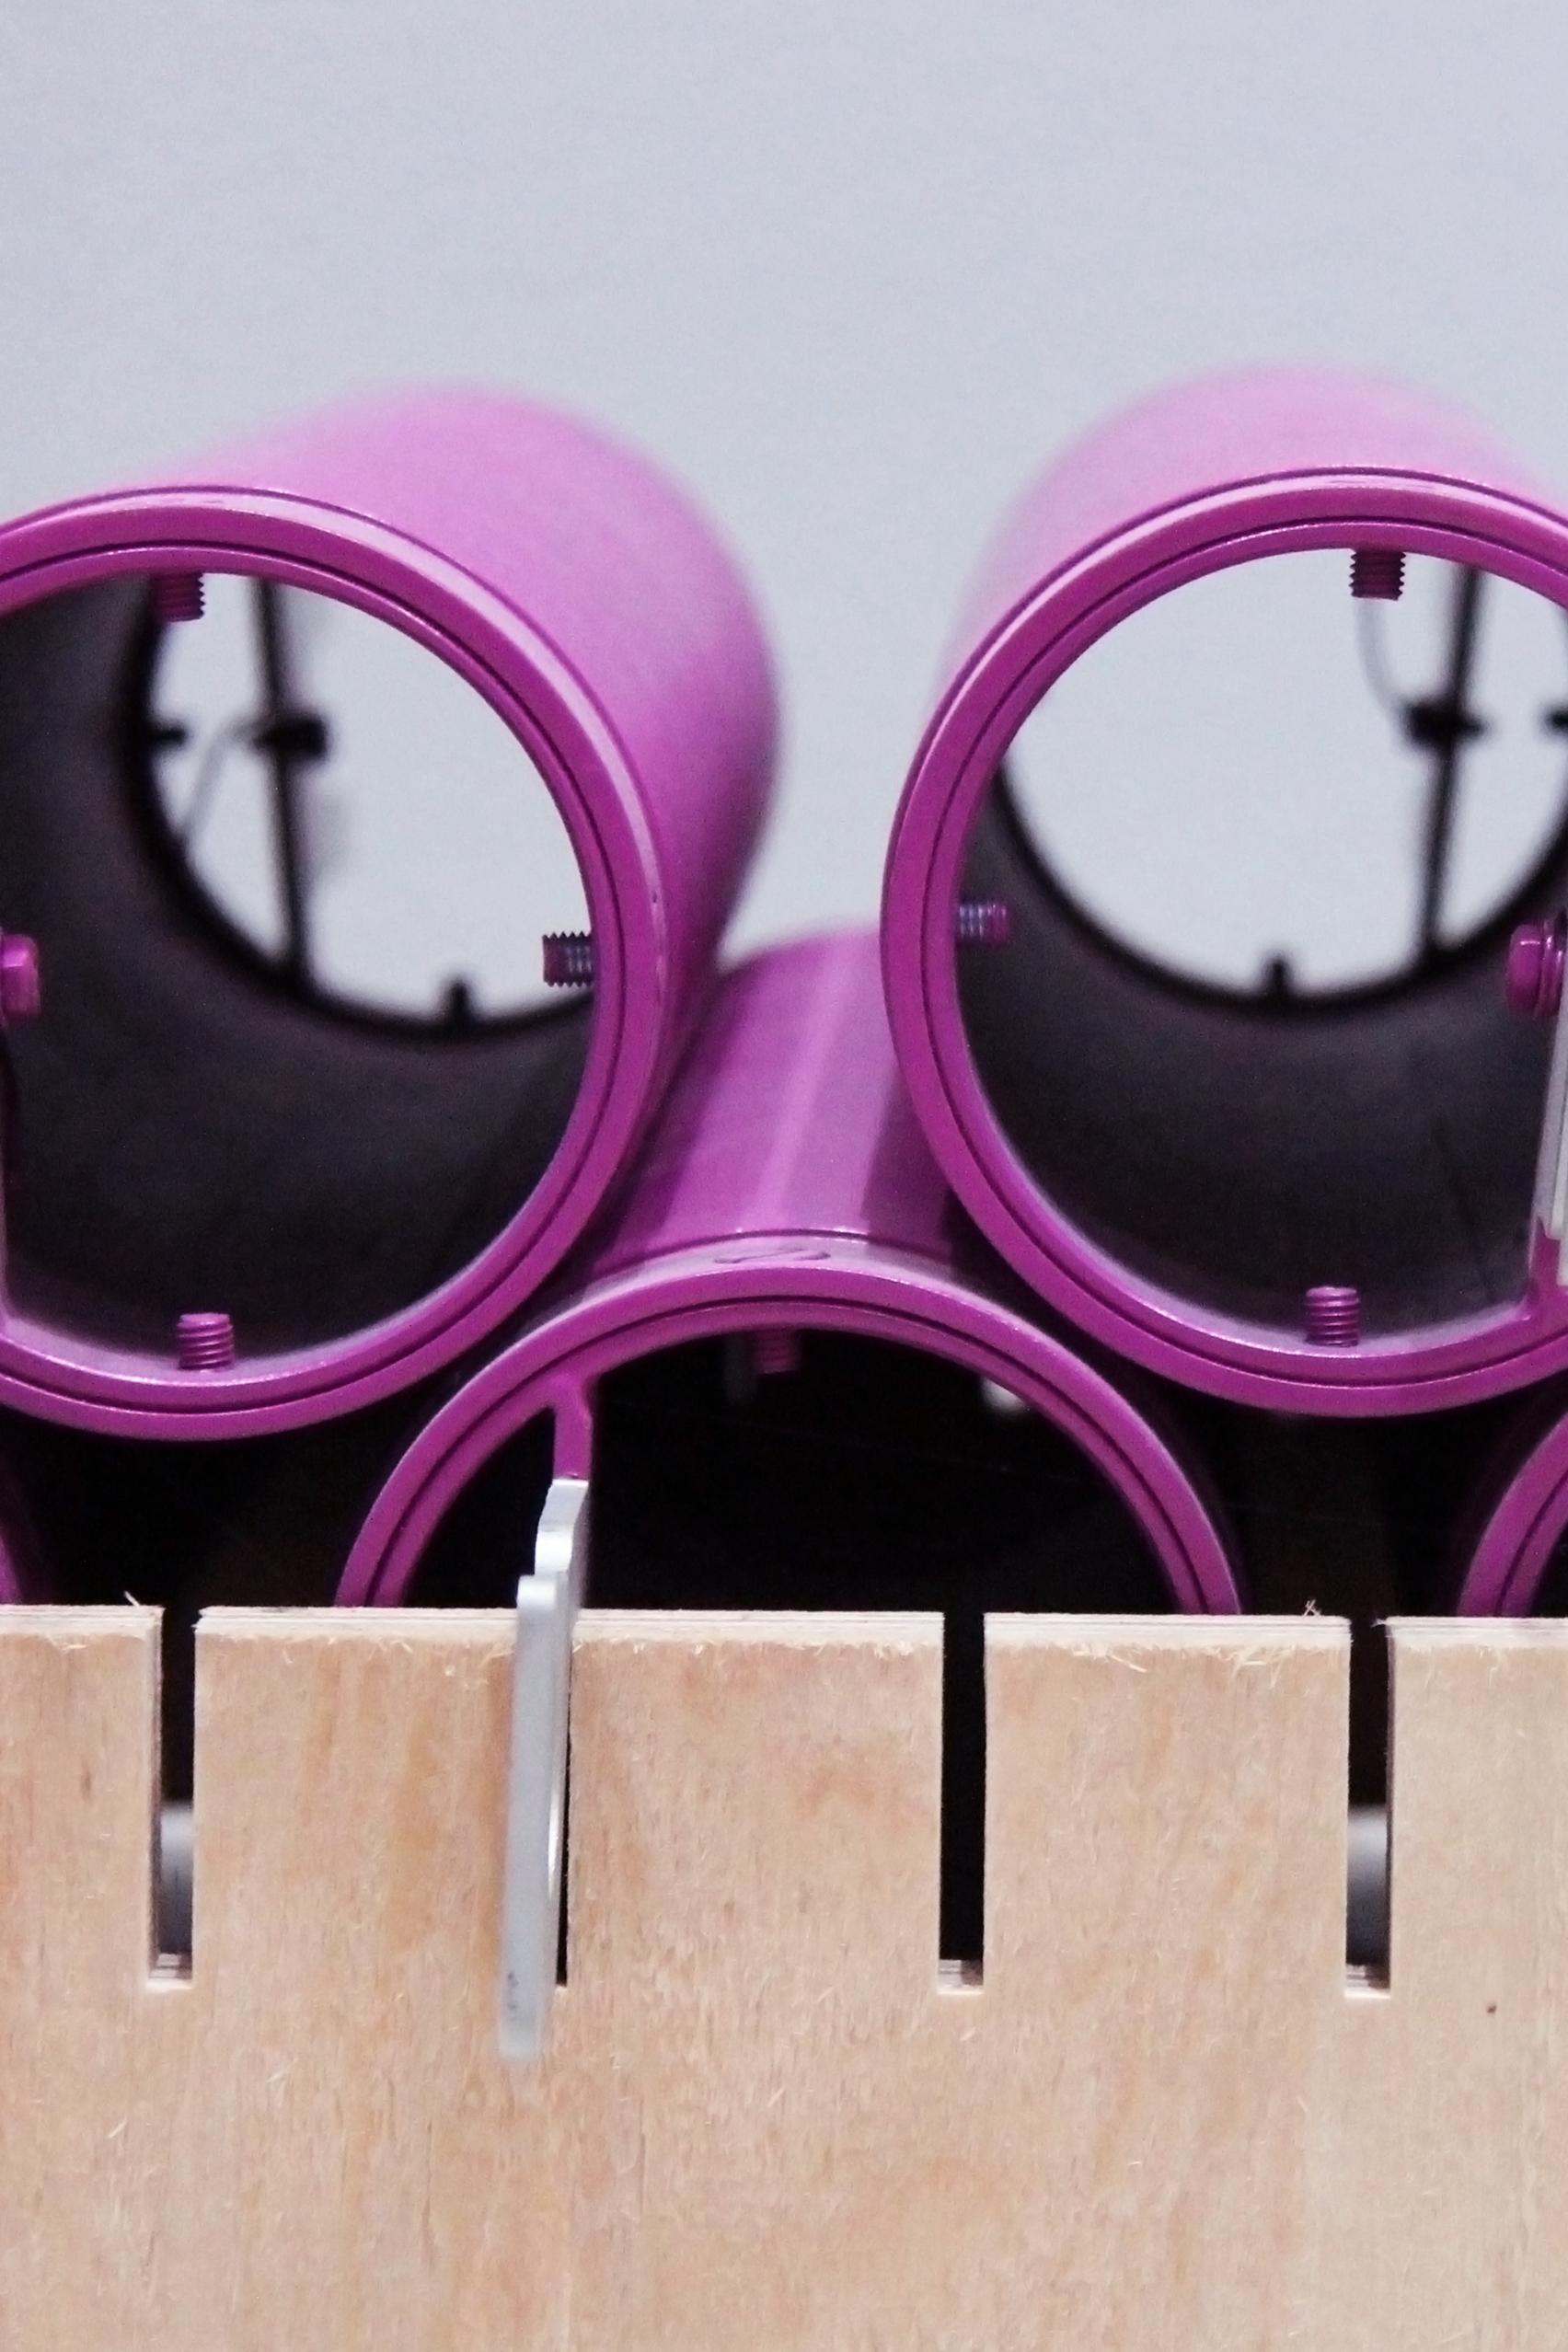 Purple tubes